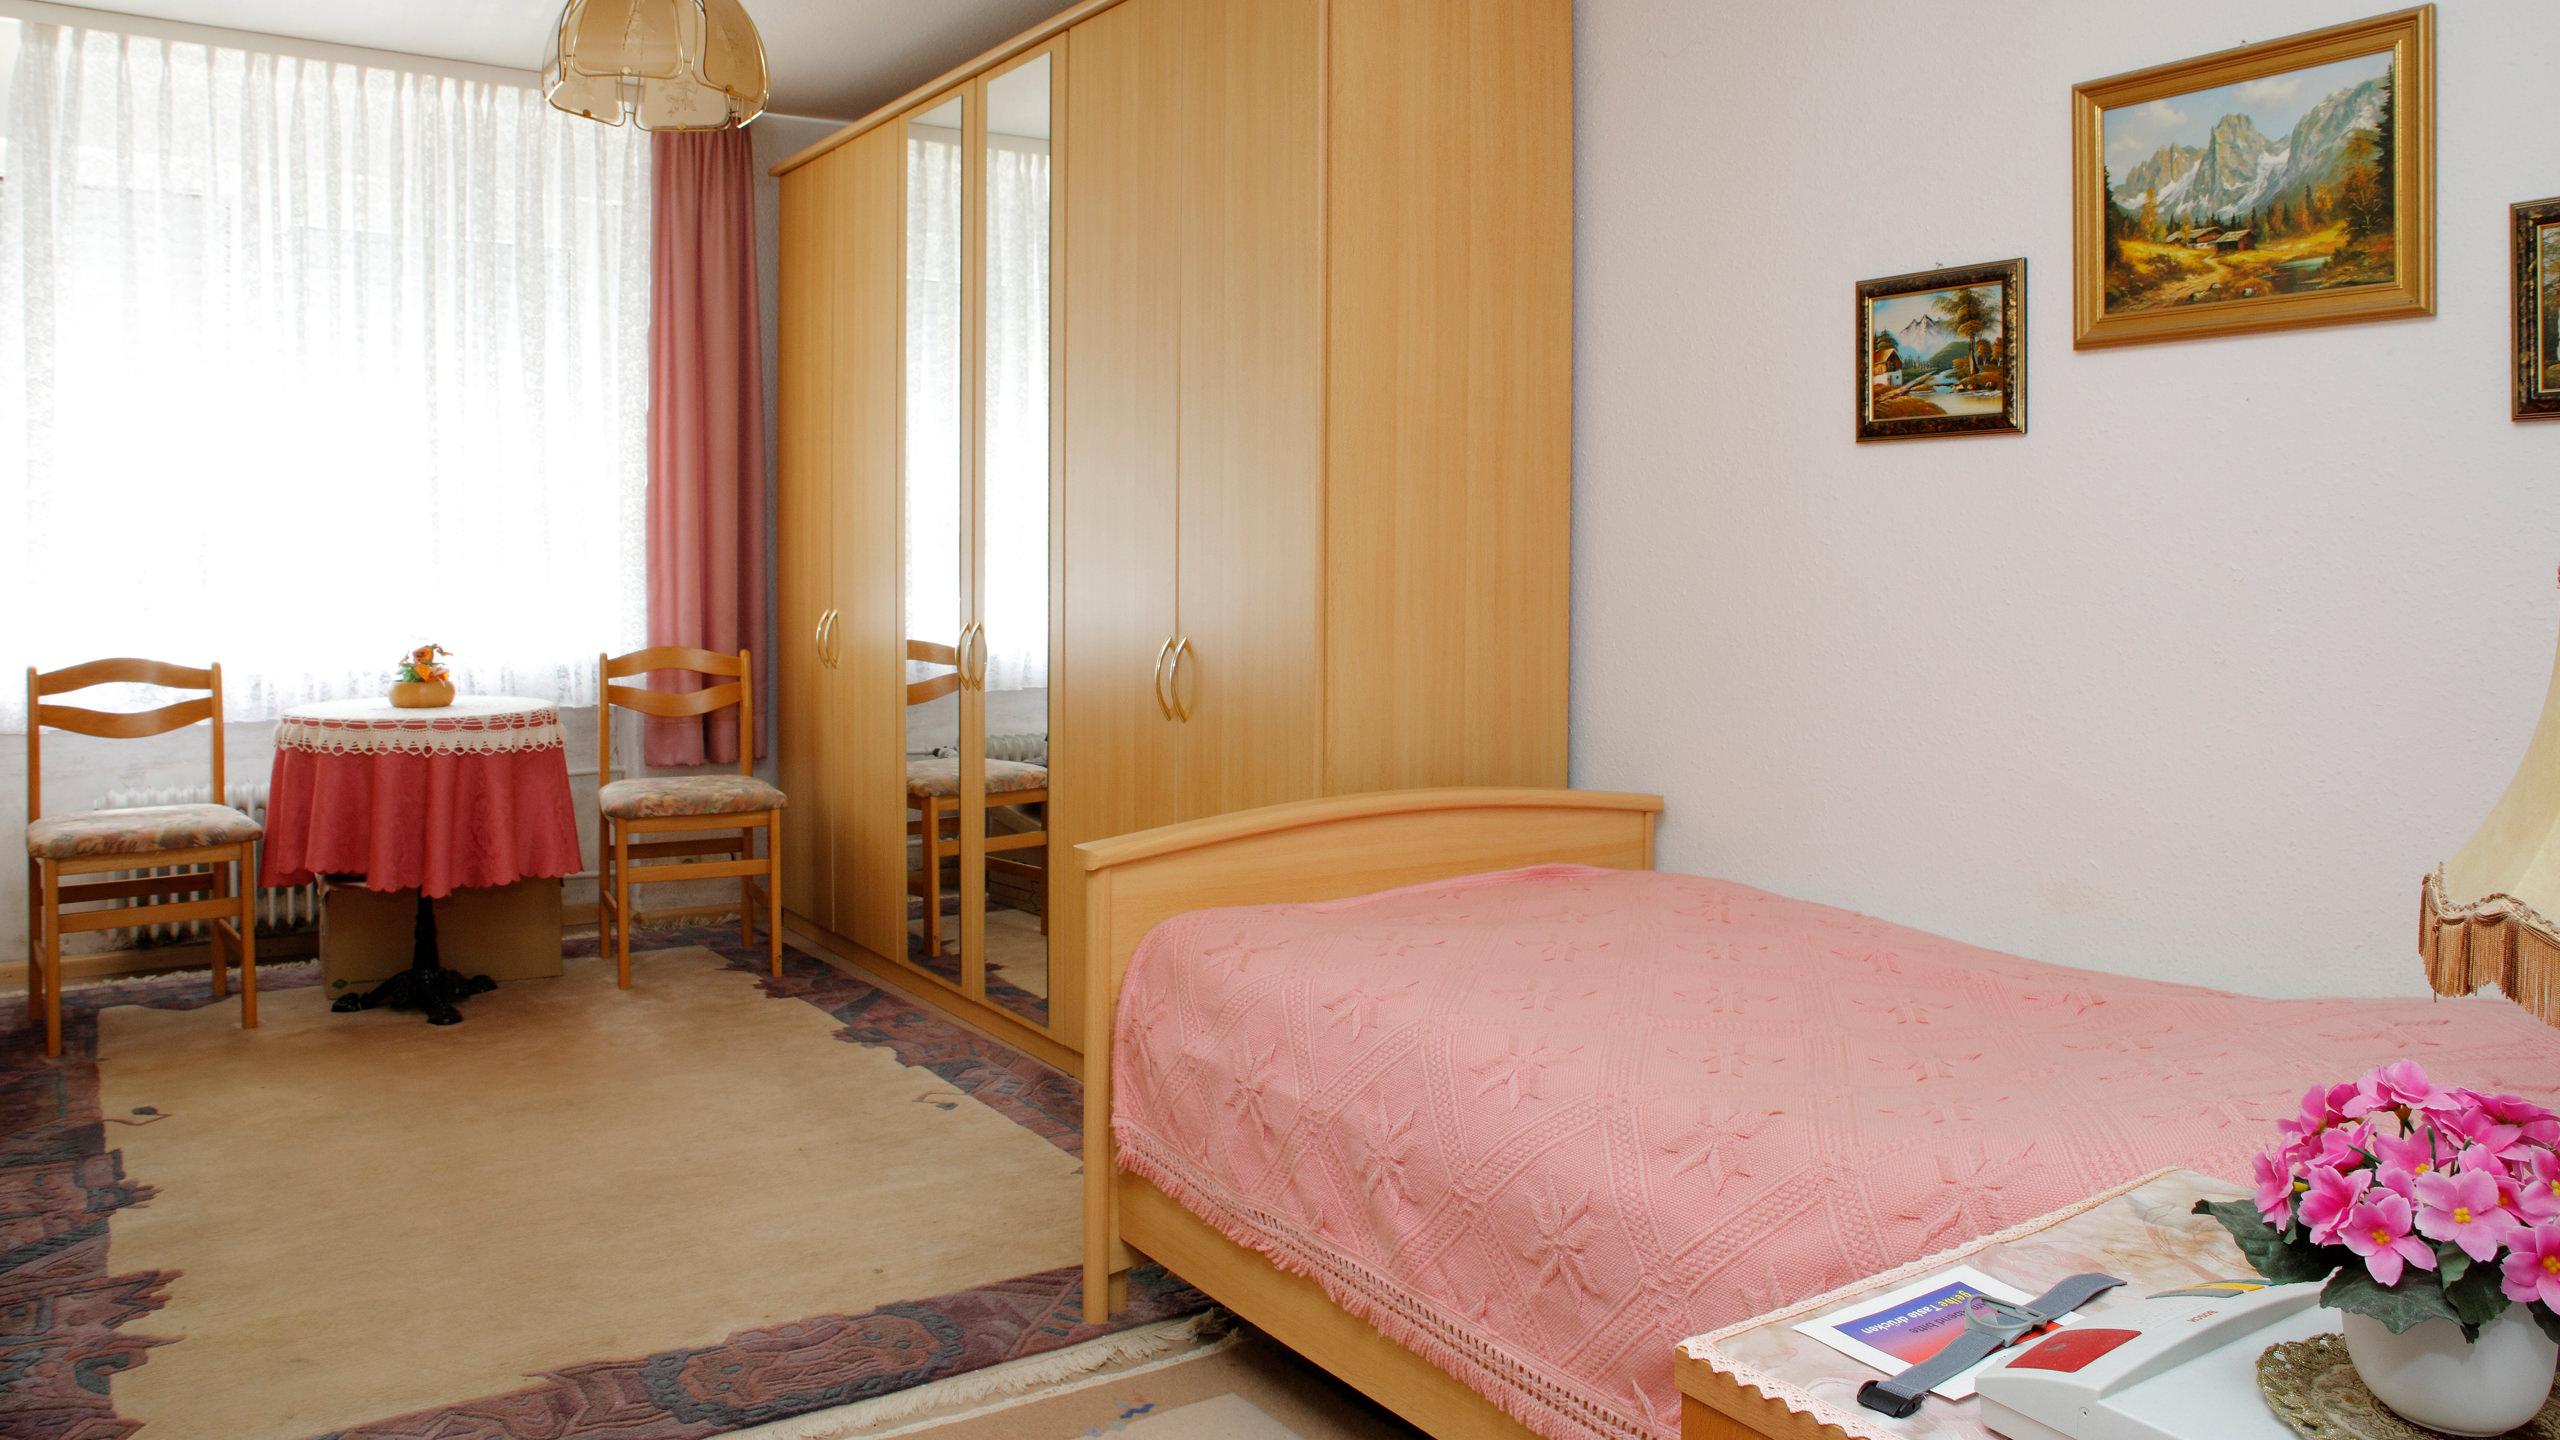 betreutes wohnen im b rgerheim rheinfelden. Black Bedroom Furniture Sets. Home Design Ideas